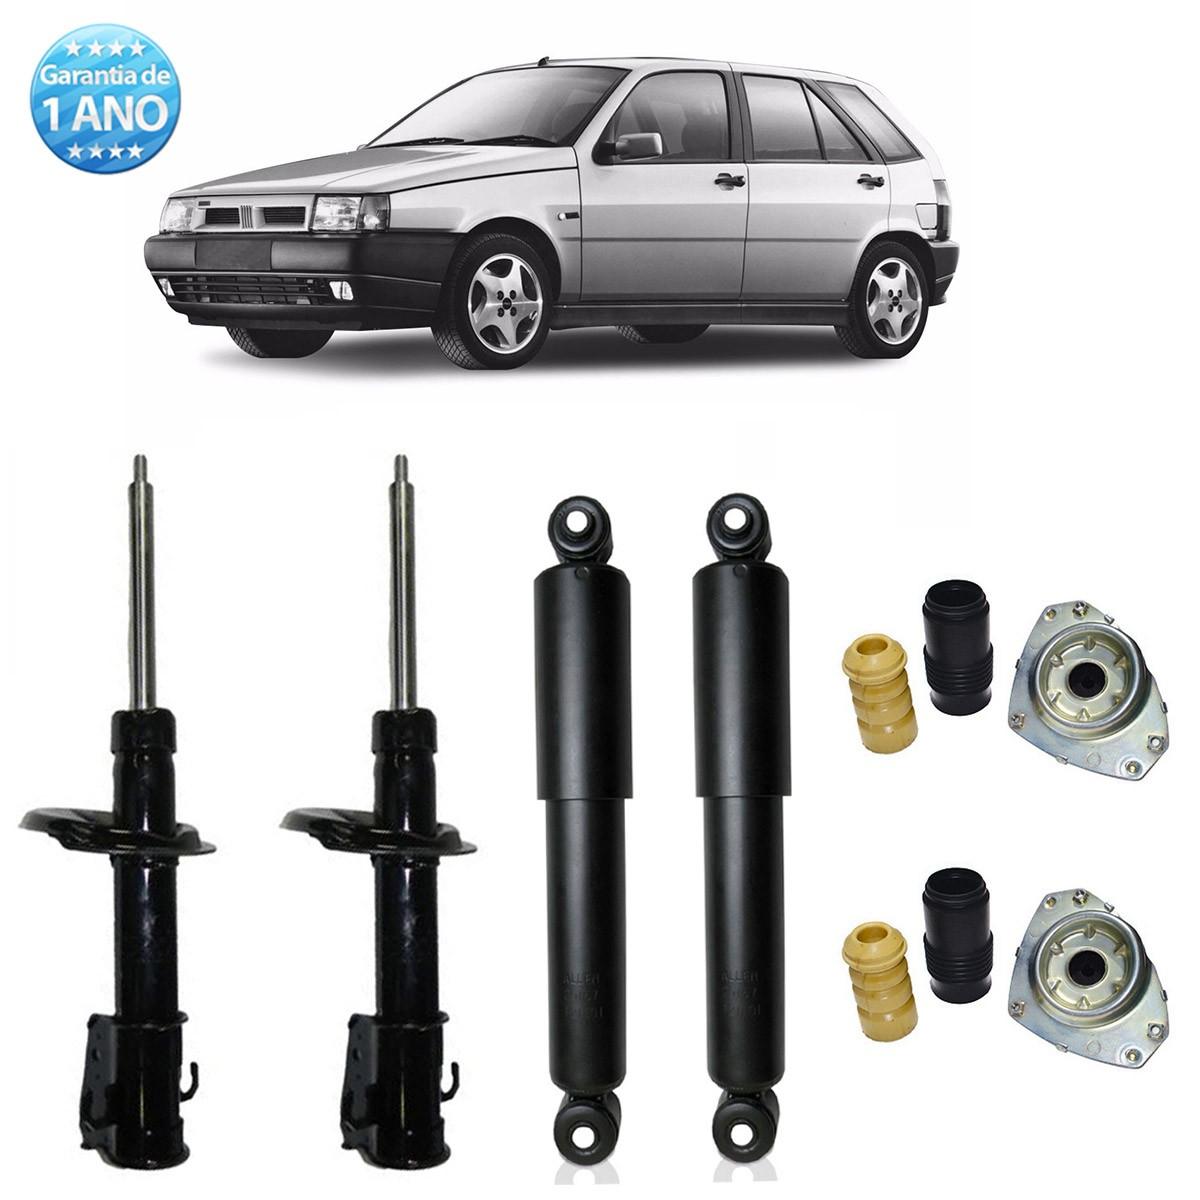 04 Amortecedores Remanufaturados Fiat Tipo 1993 Até 1997 + Kit da Suspensão